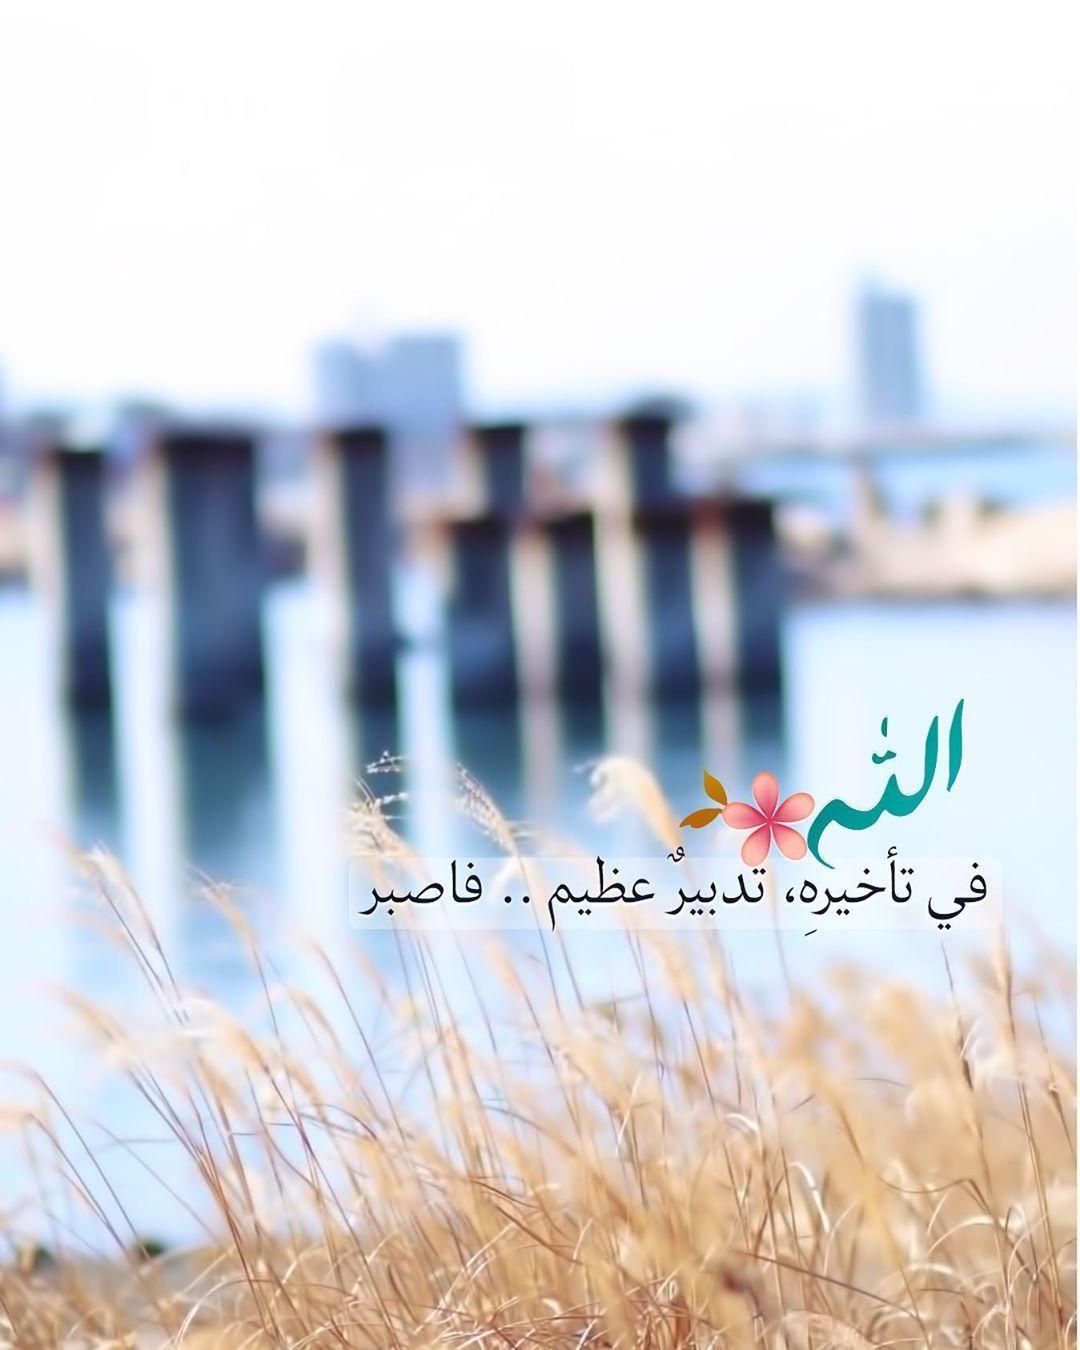 خواطر اسلامية بالصور